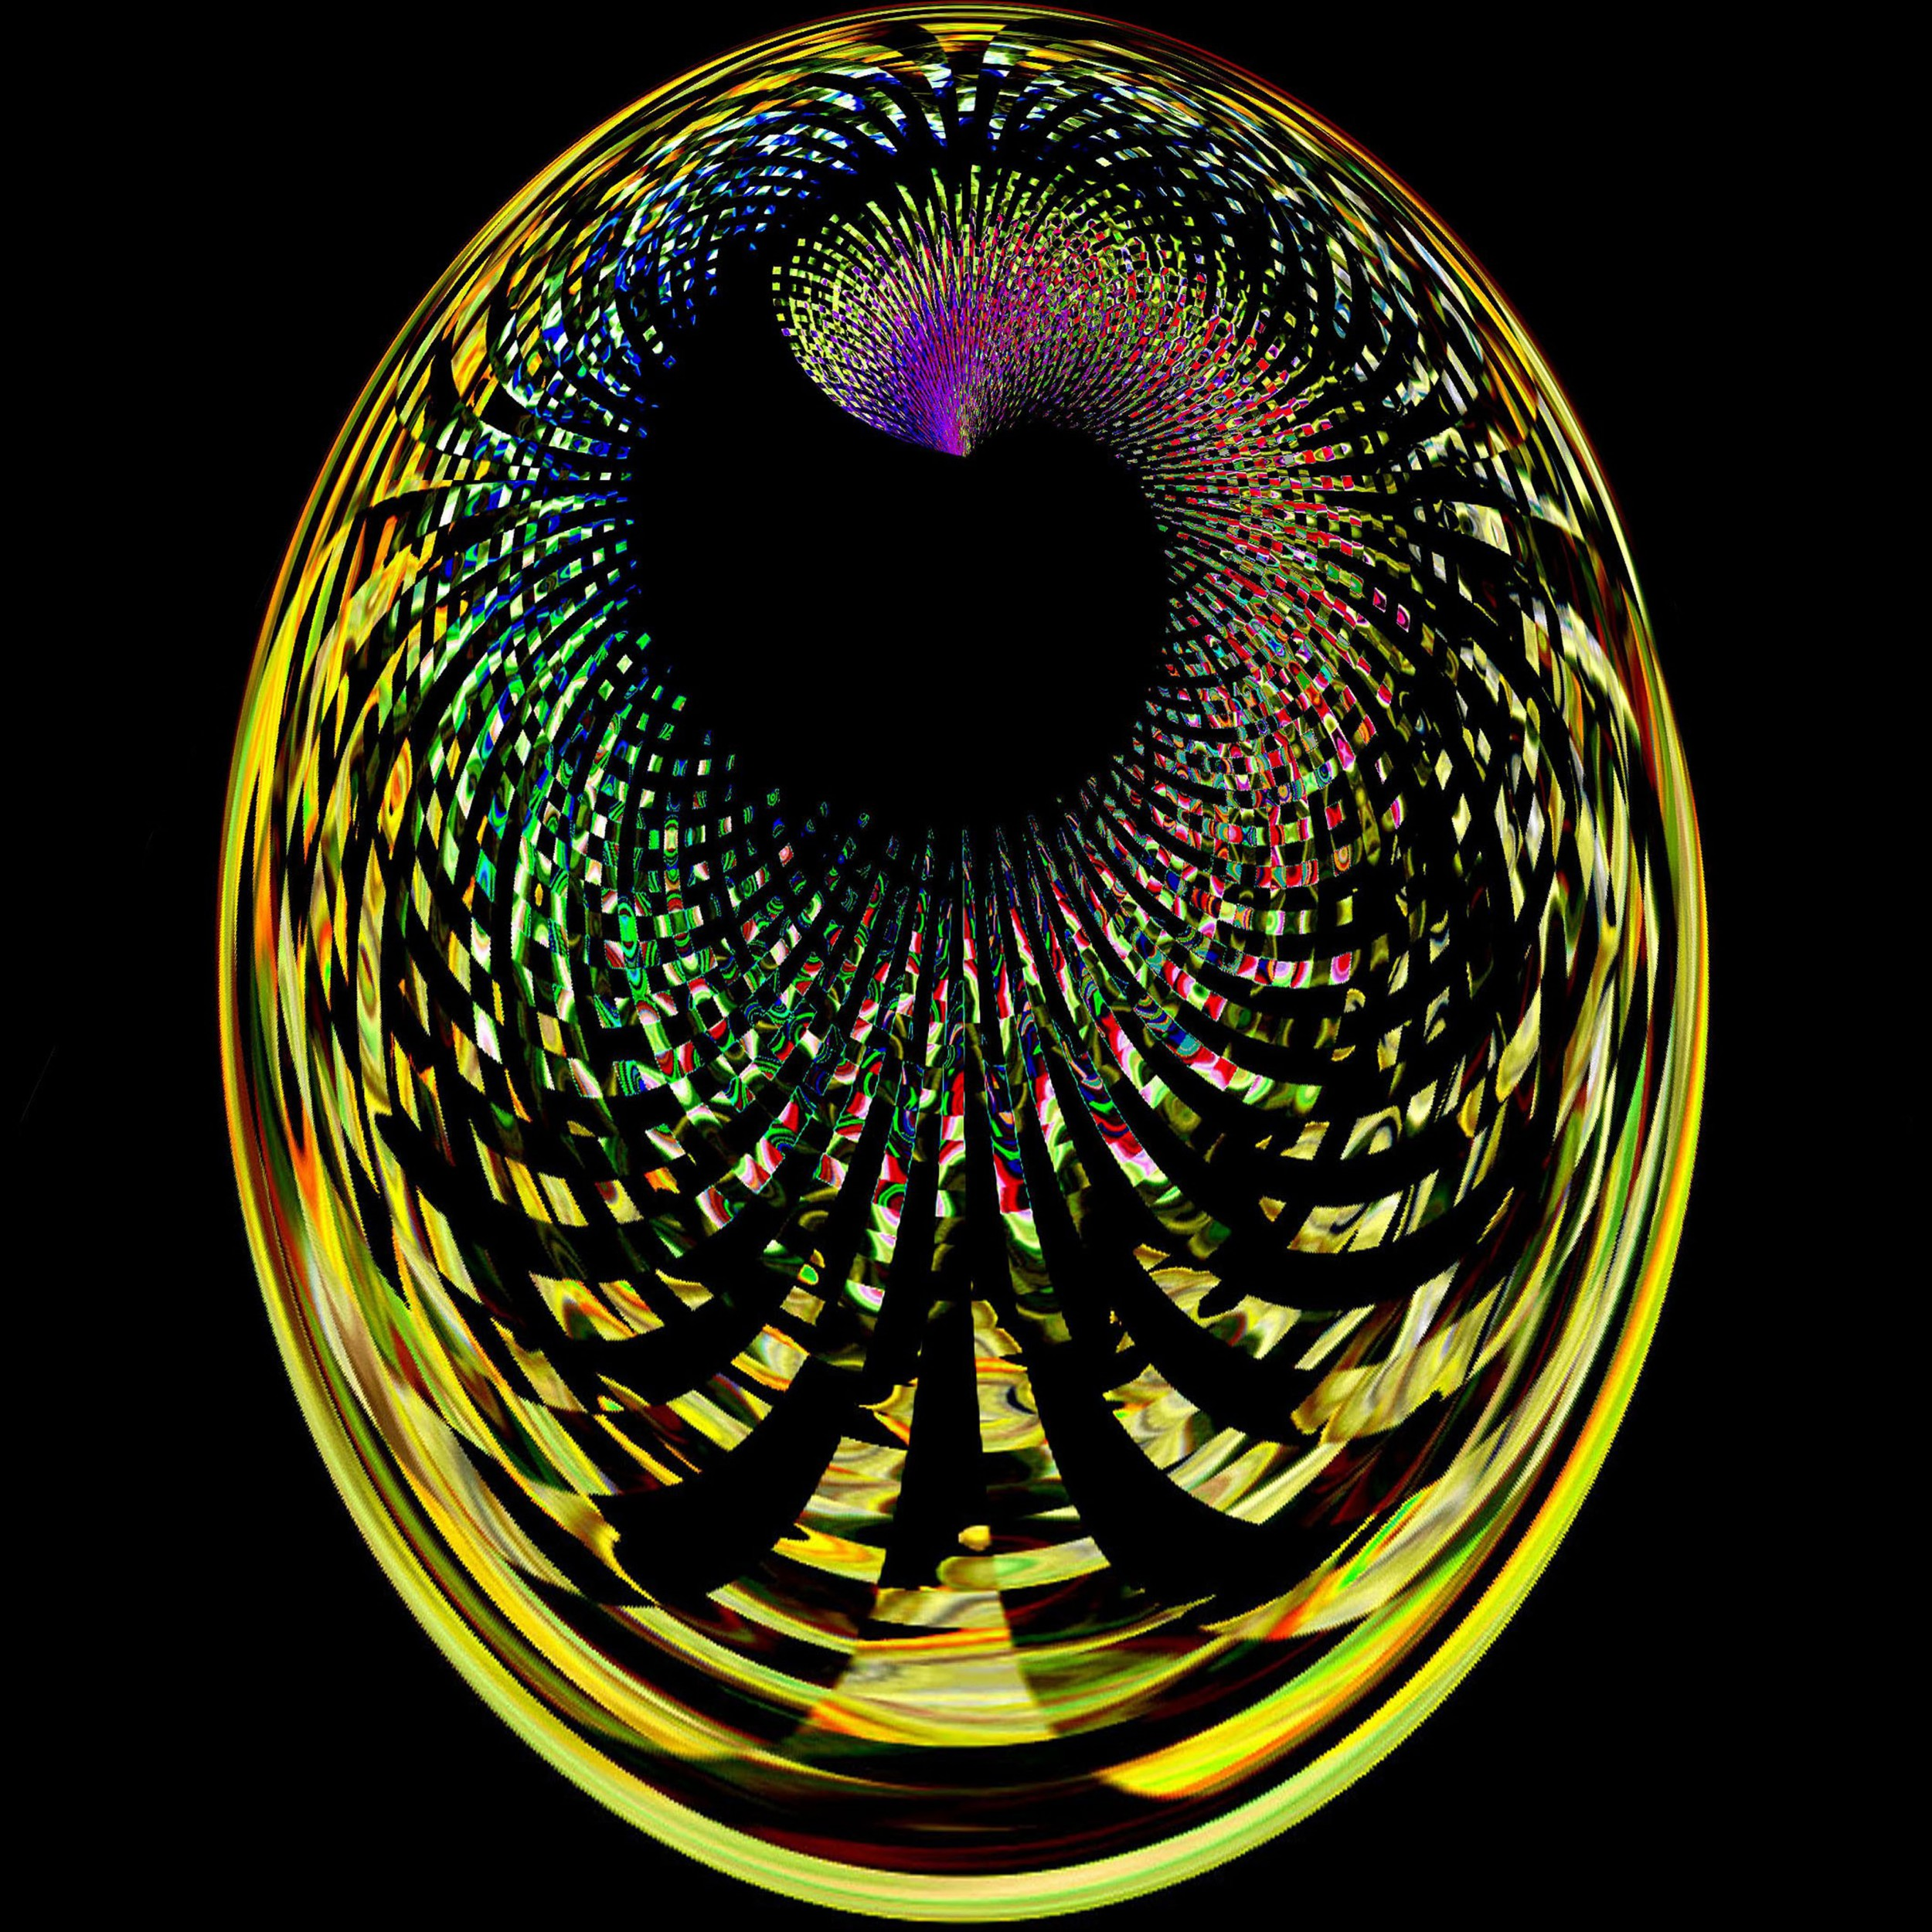 Risultati immagini per uovo cosmico